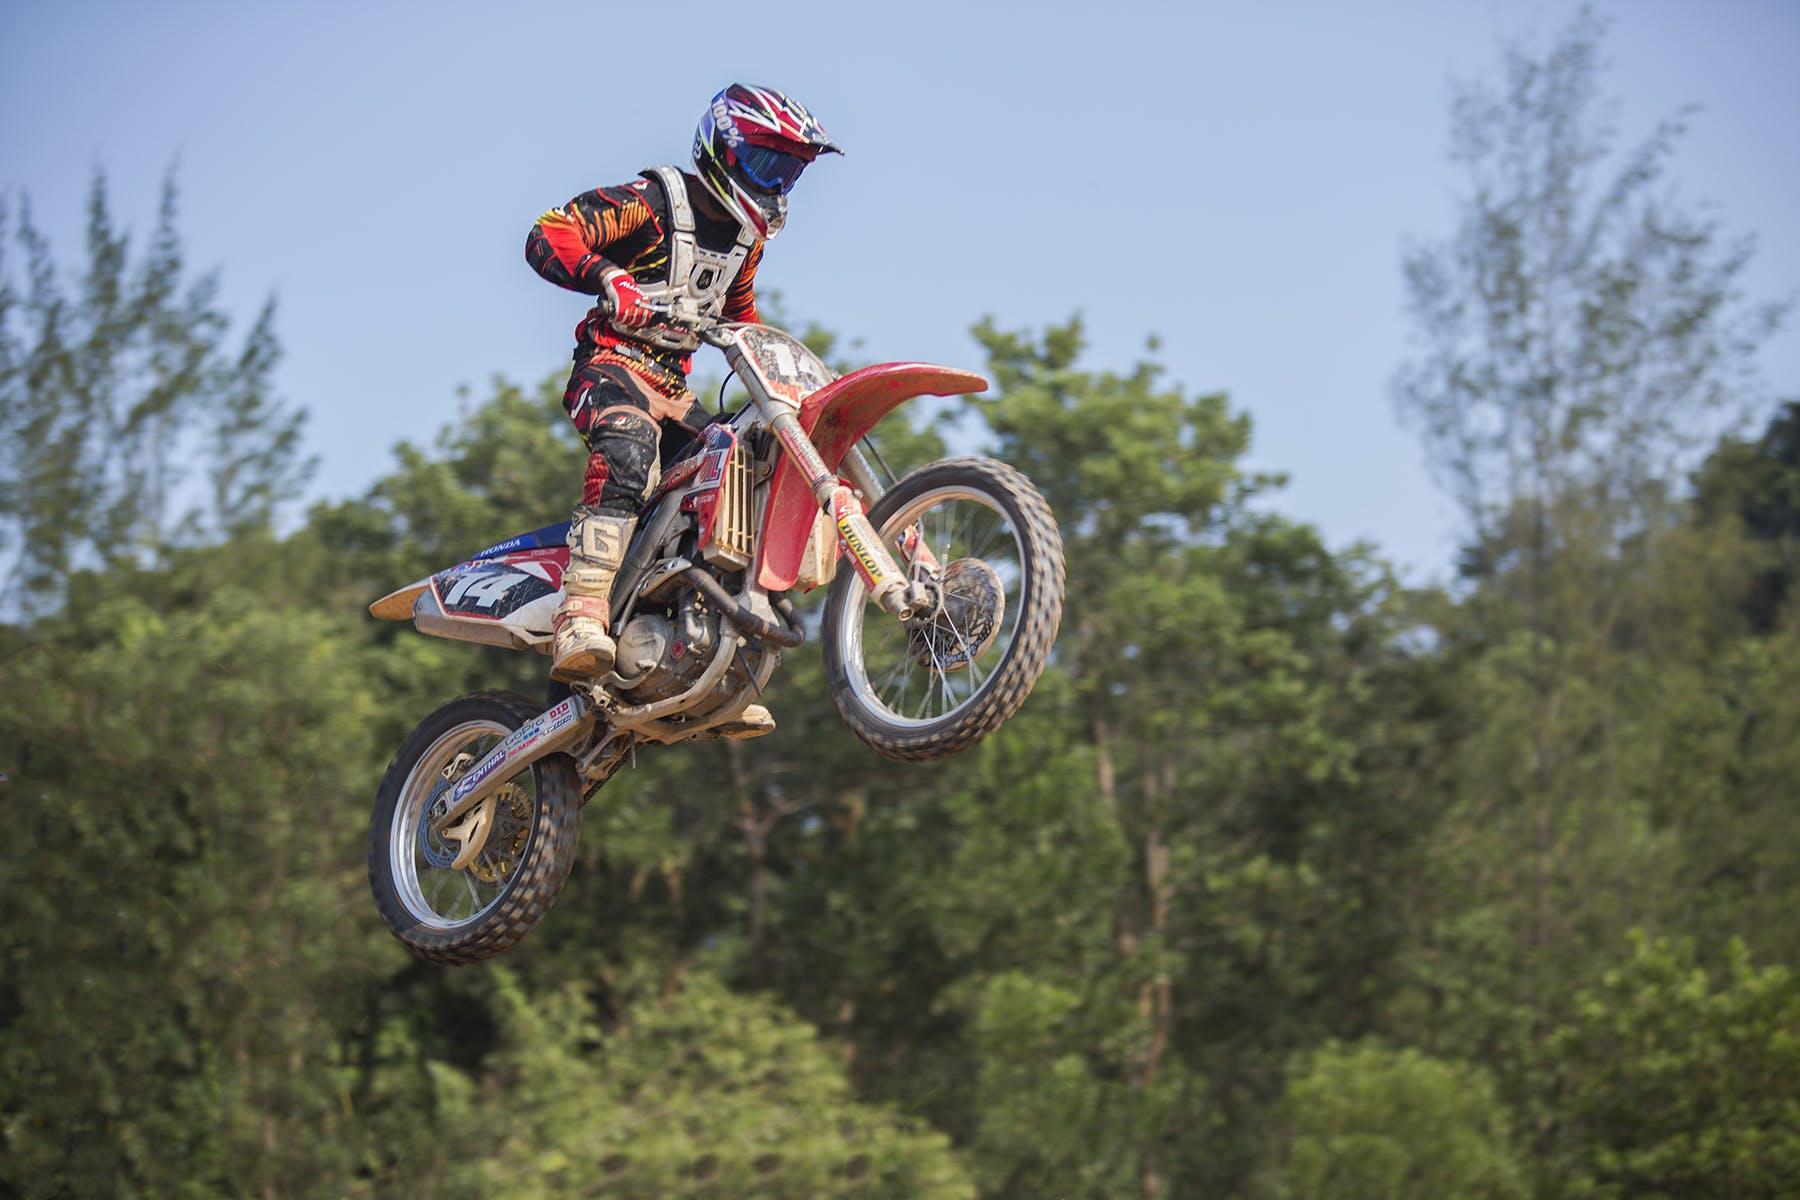 人, 冒險, 天空, 摩托車 的 免費圖庫相片